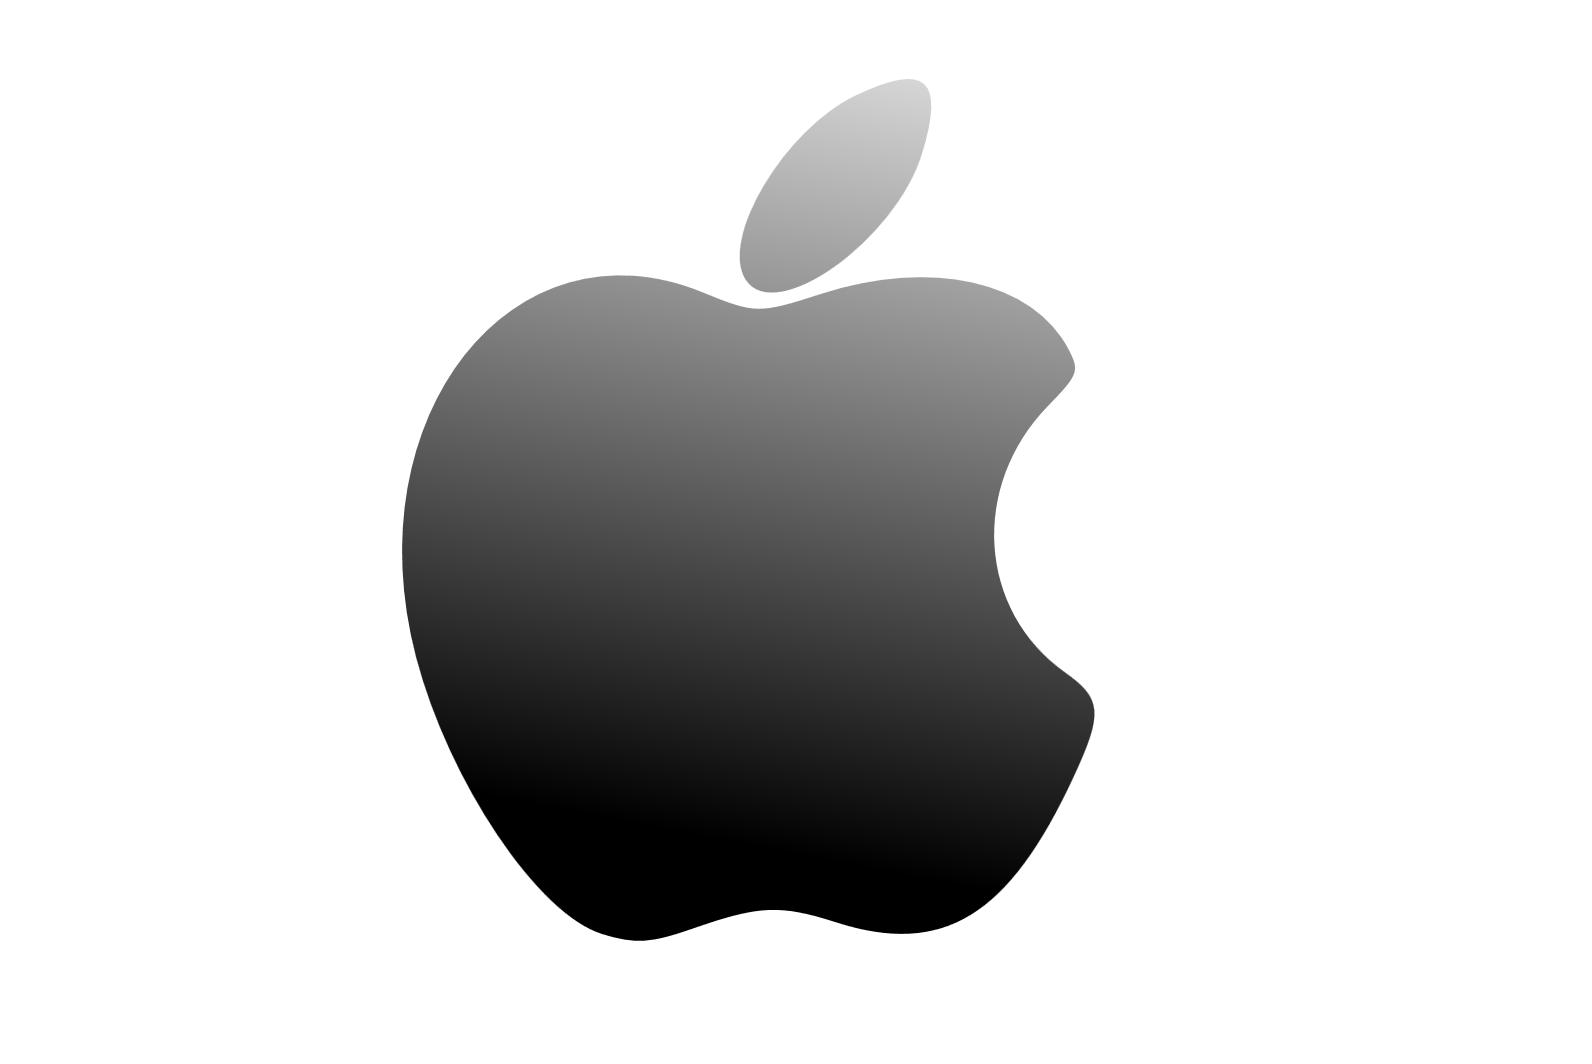 L'iPhone 6 venderà 75 milioni di pezzi